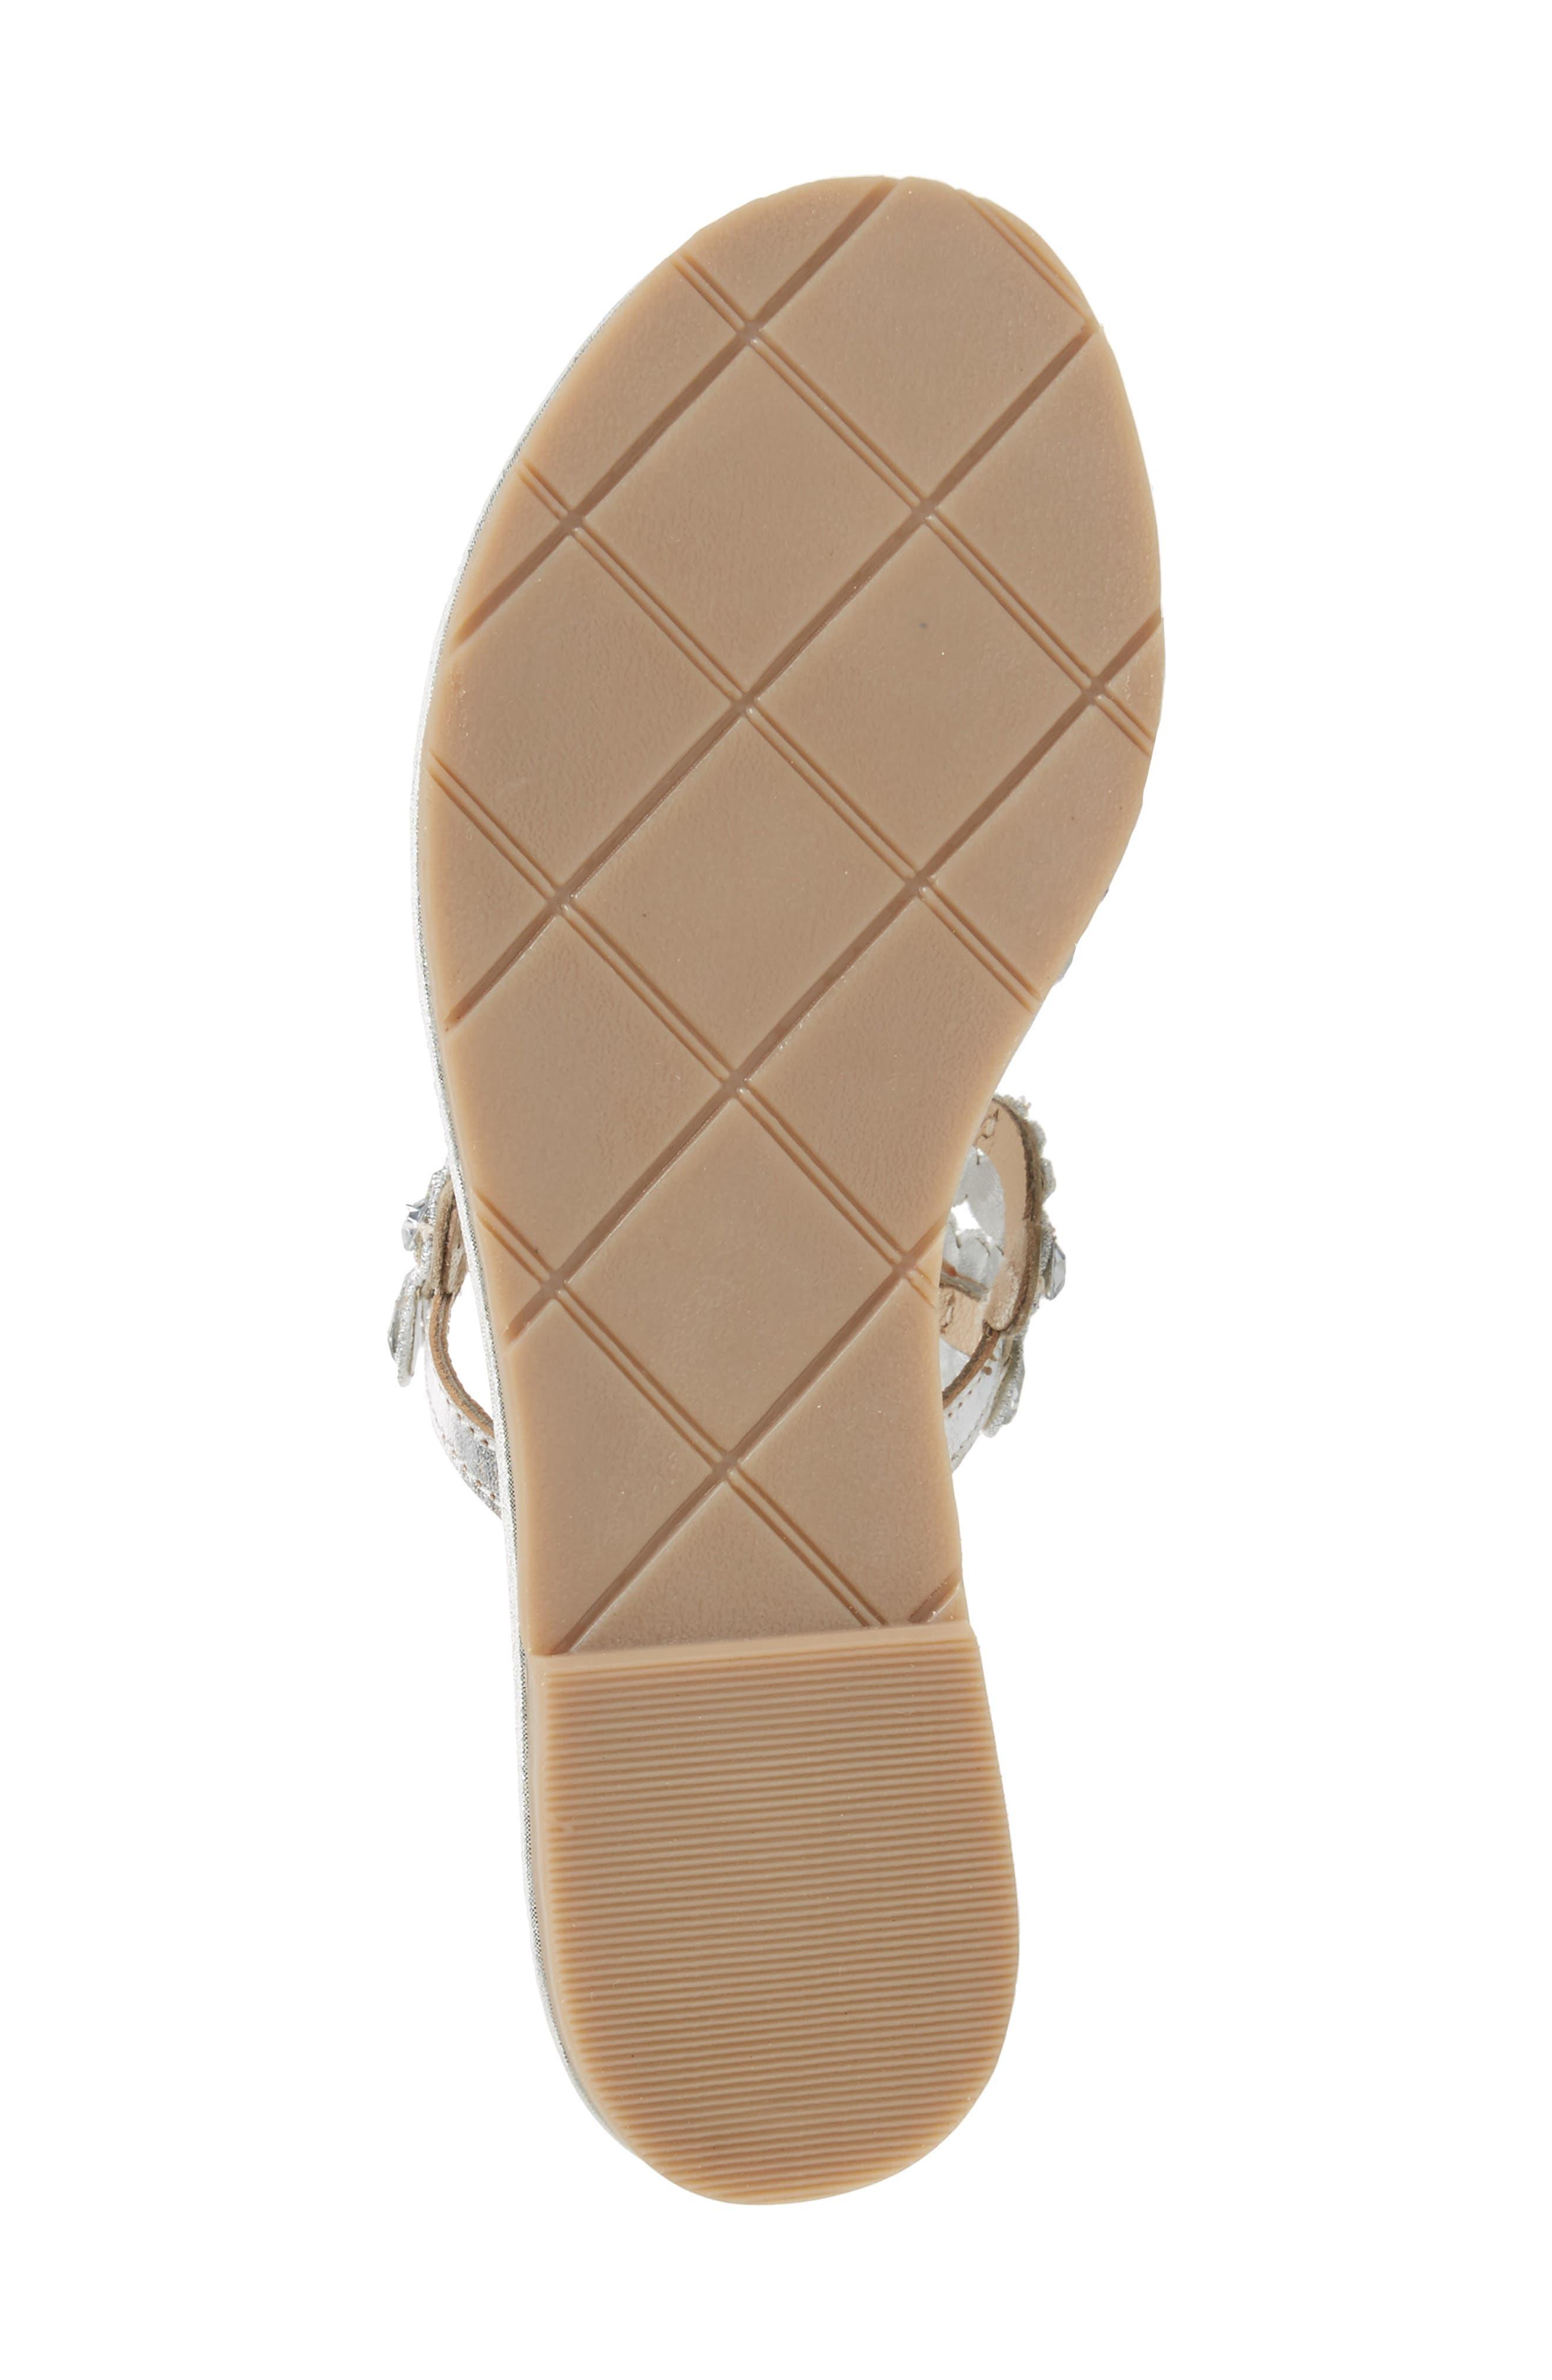 St. Tropez Sandal,                             Alternate thumbnail 6, color,                             Silver Faux Leather